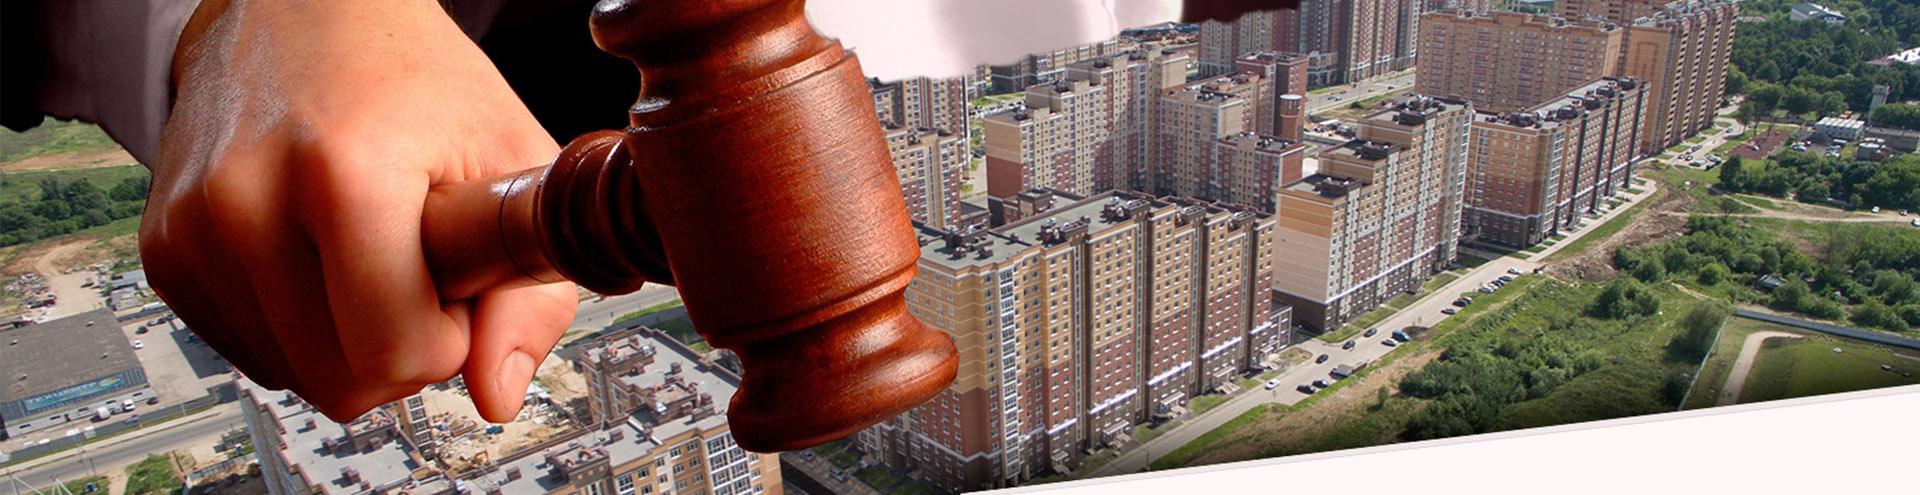 Суд с застройщиком в Рязани и Рязанской области